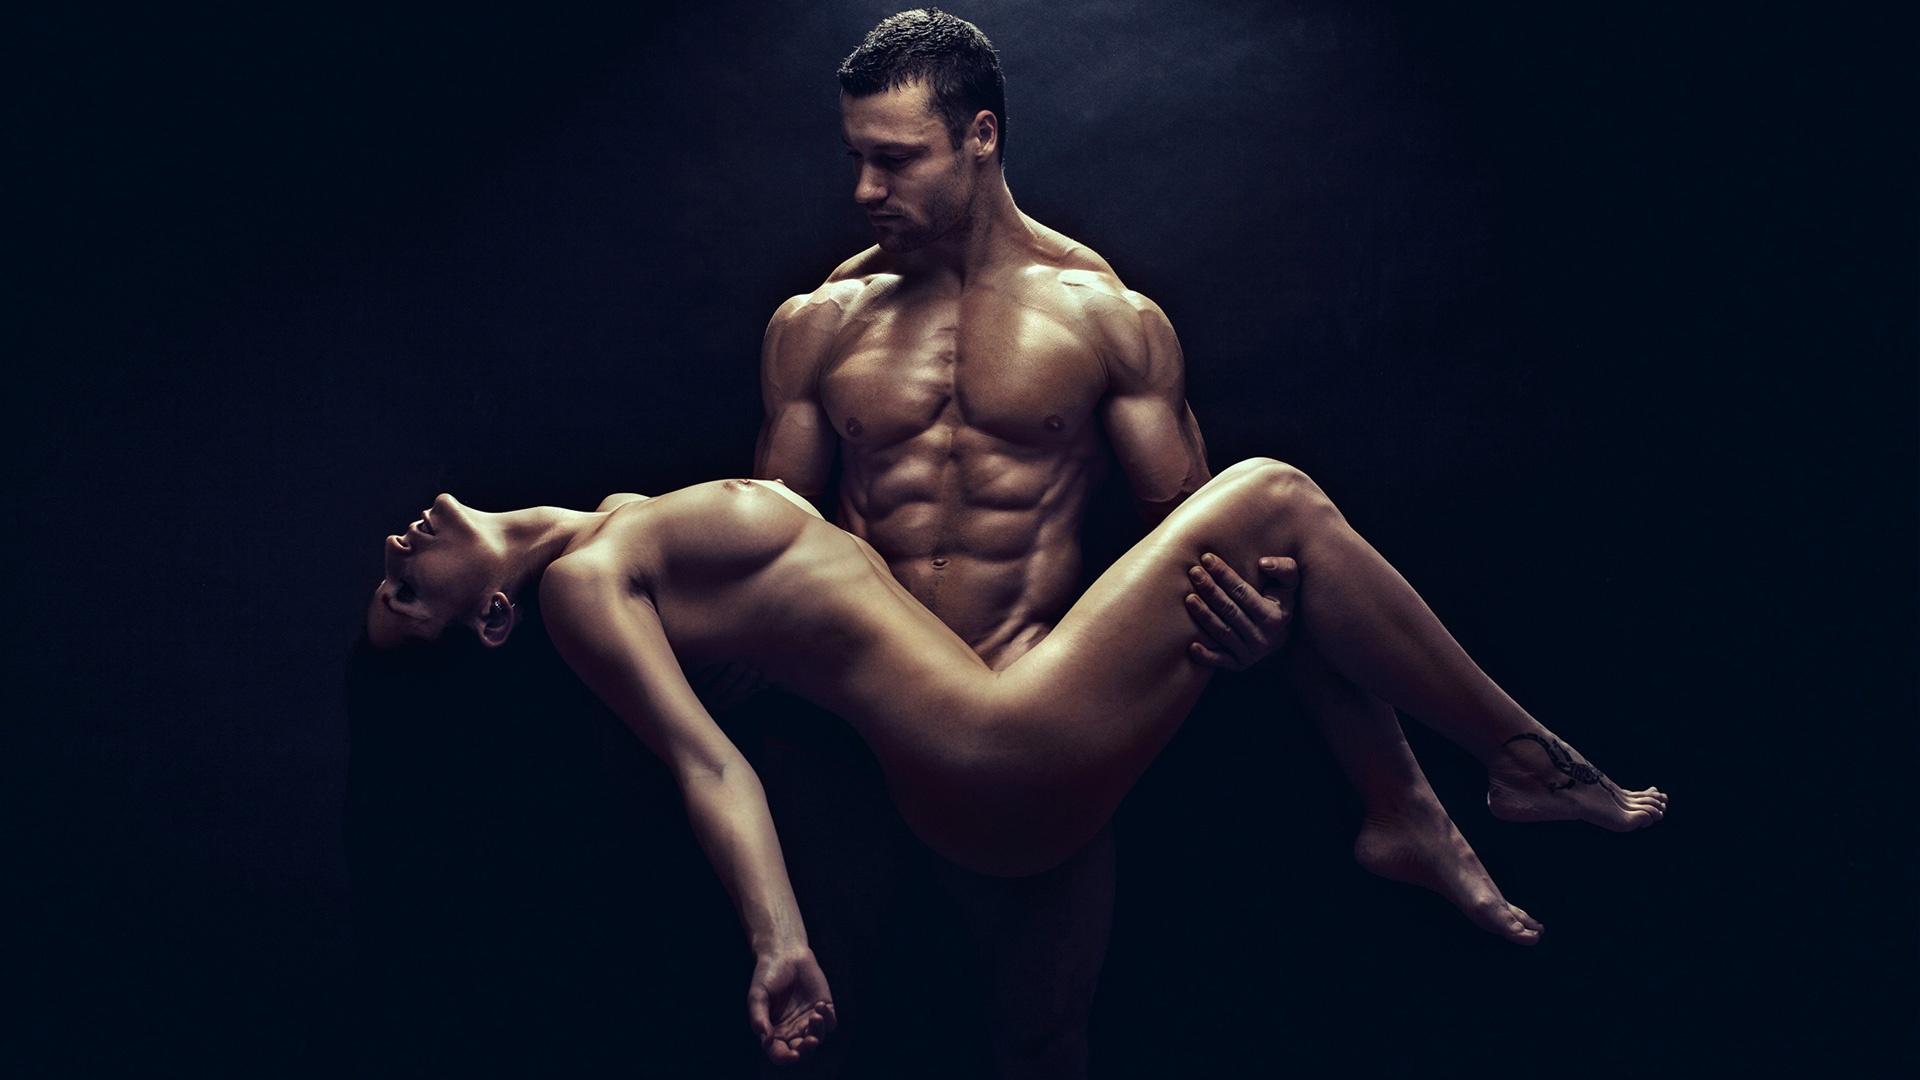 erotic nude men for women